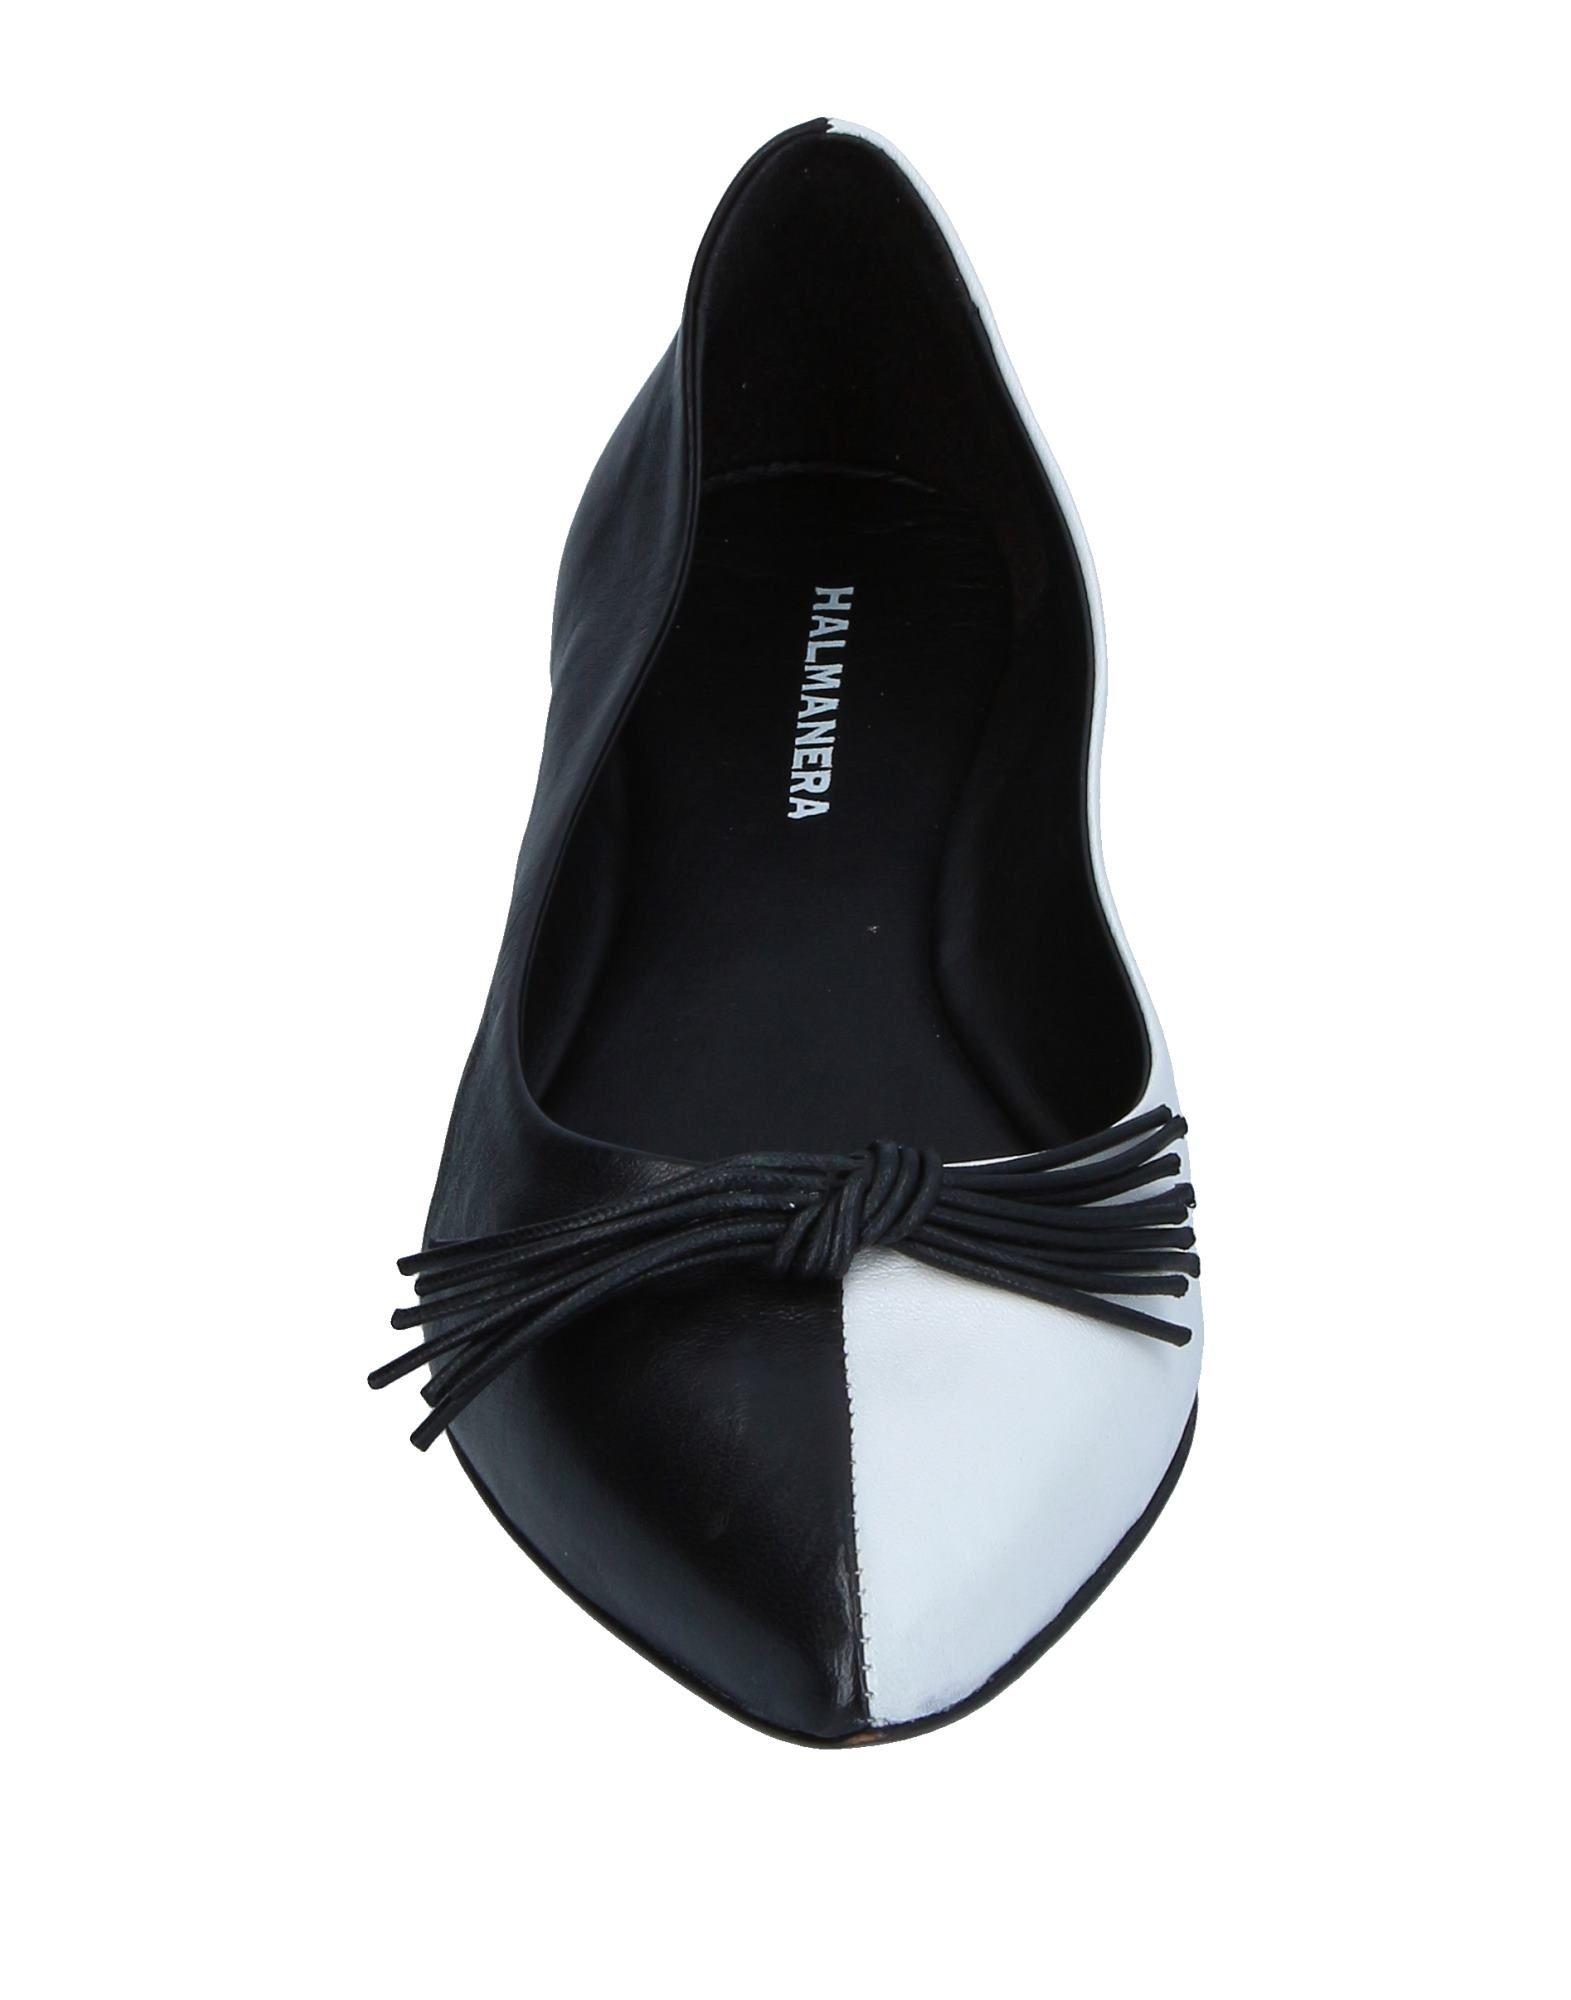 Halmanera Ballerinas Damen  11364950EM beliebte Gute Qualität beliebte 11364950EM Schuhe 97c239